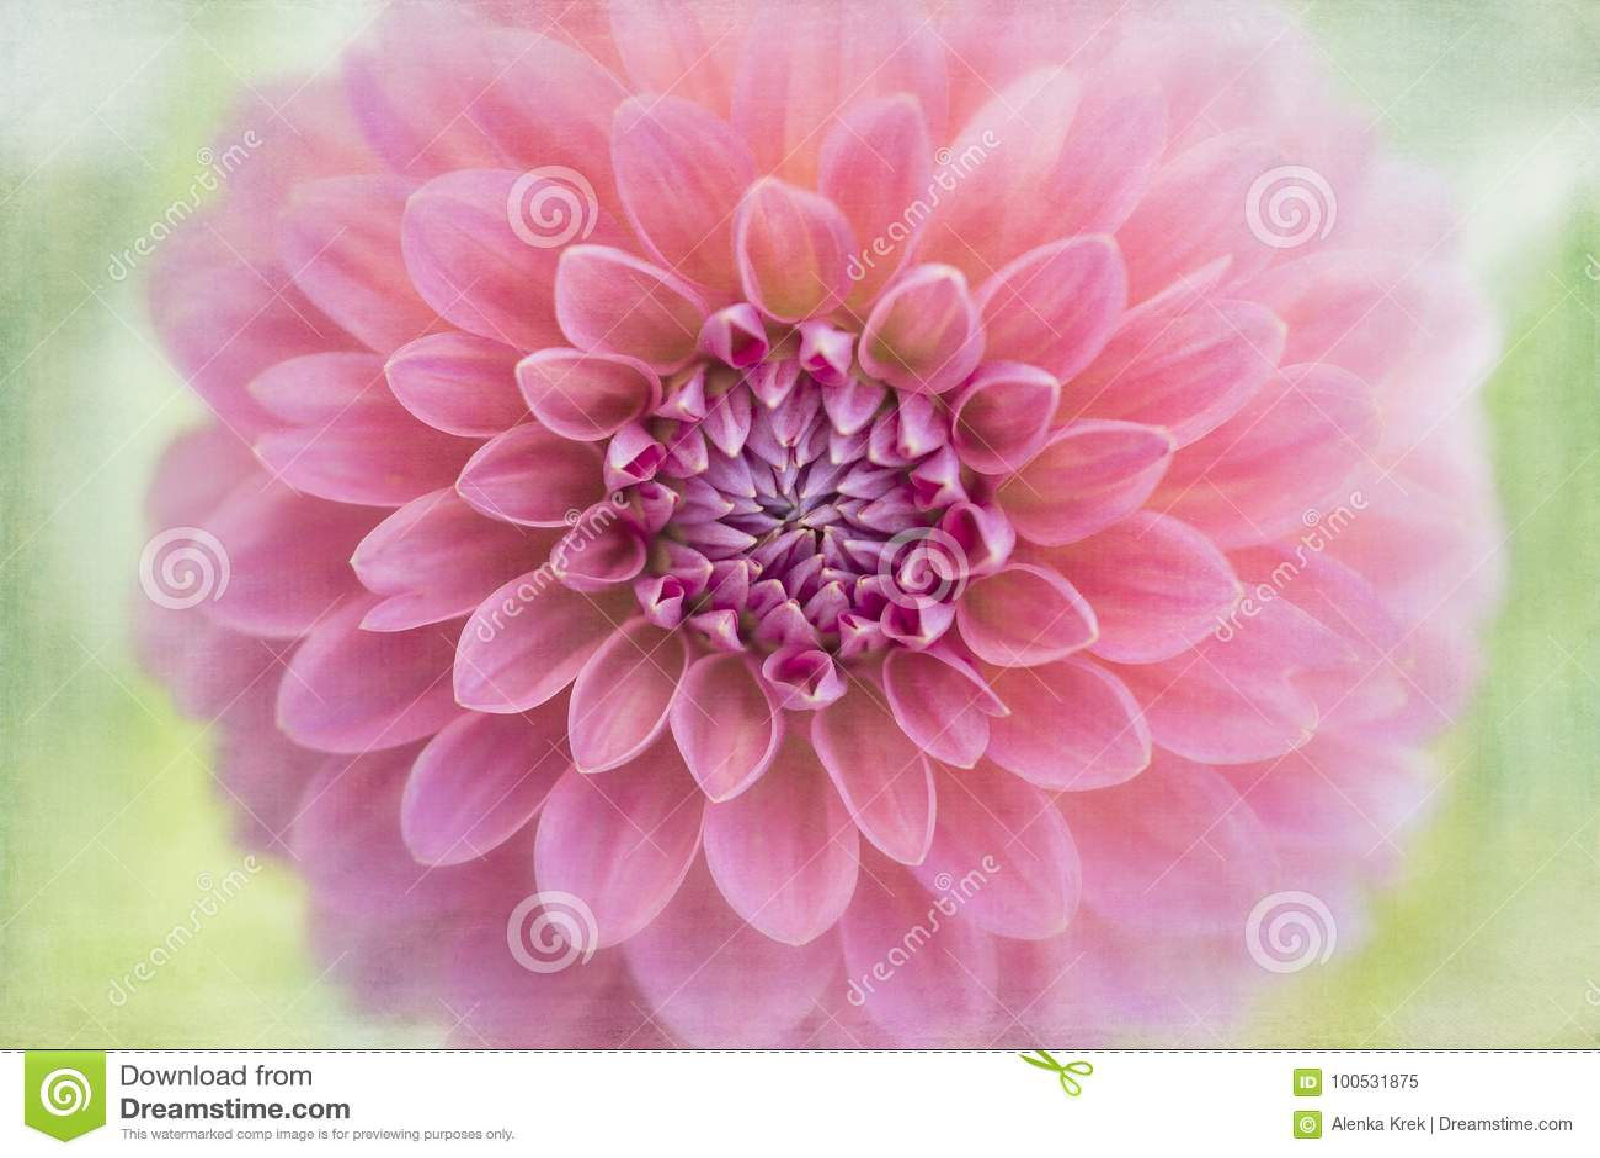 Pink dahlia flower macro stock image image of macro 100531875 download pink dahlia flower macro stock image image of macro 100531875 izmirmasajfo